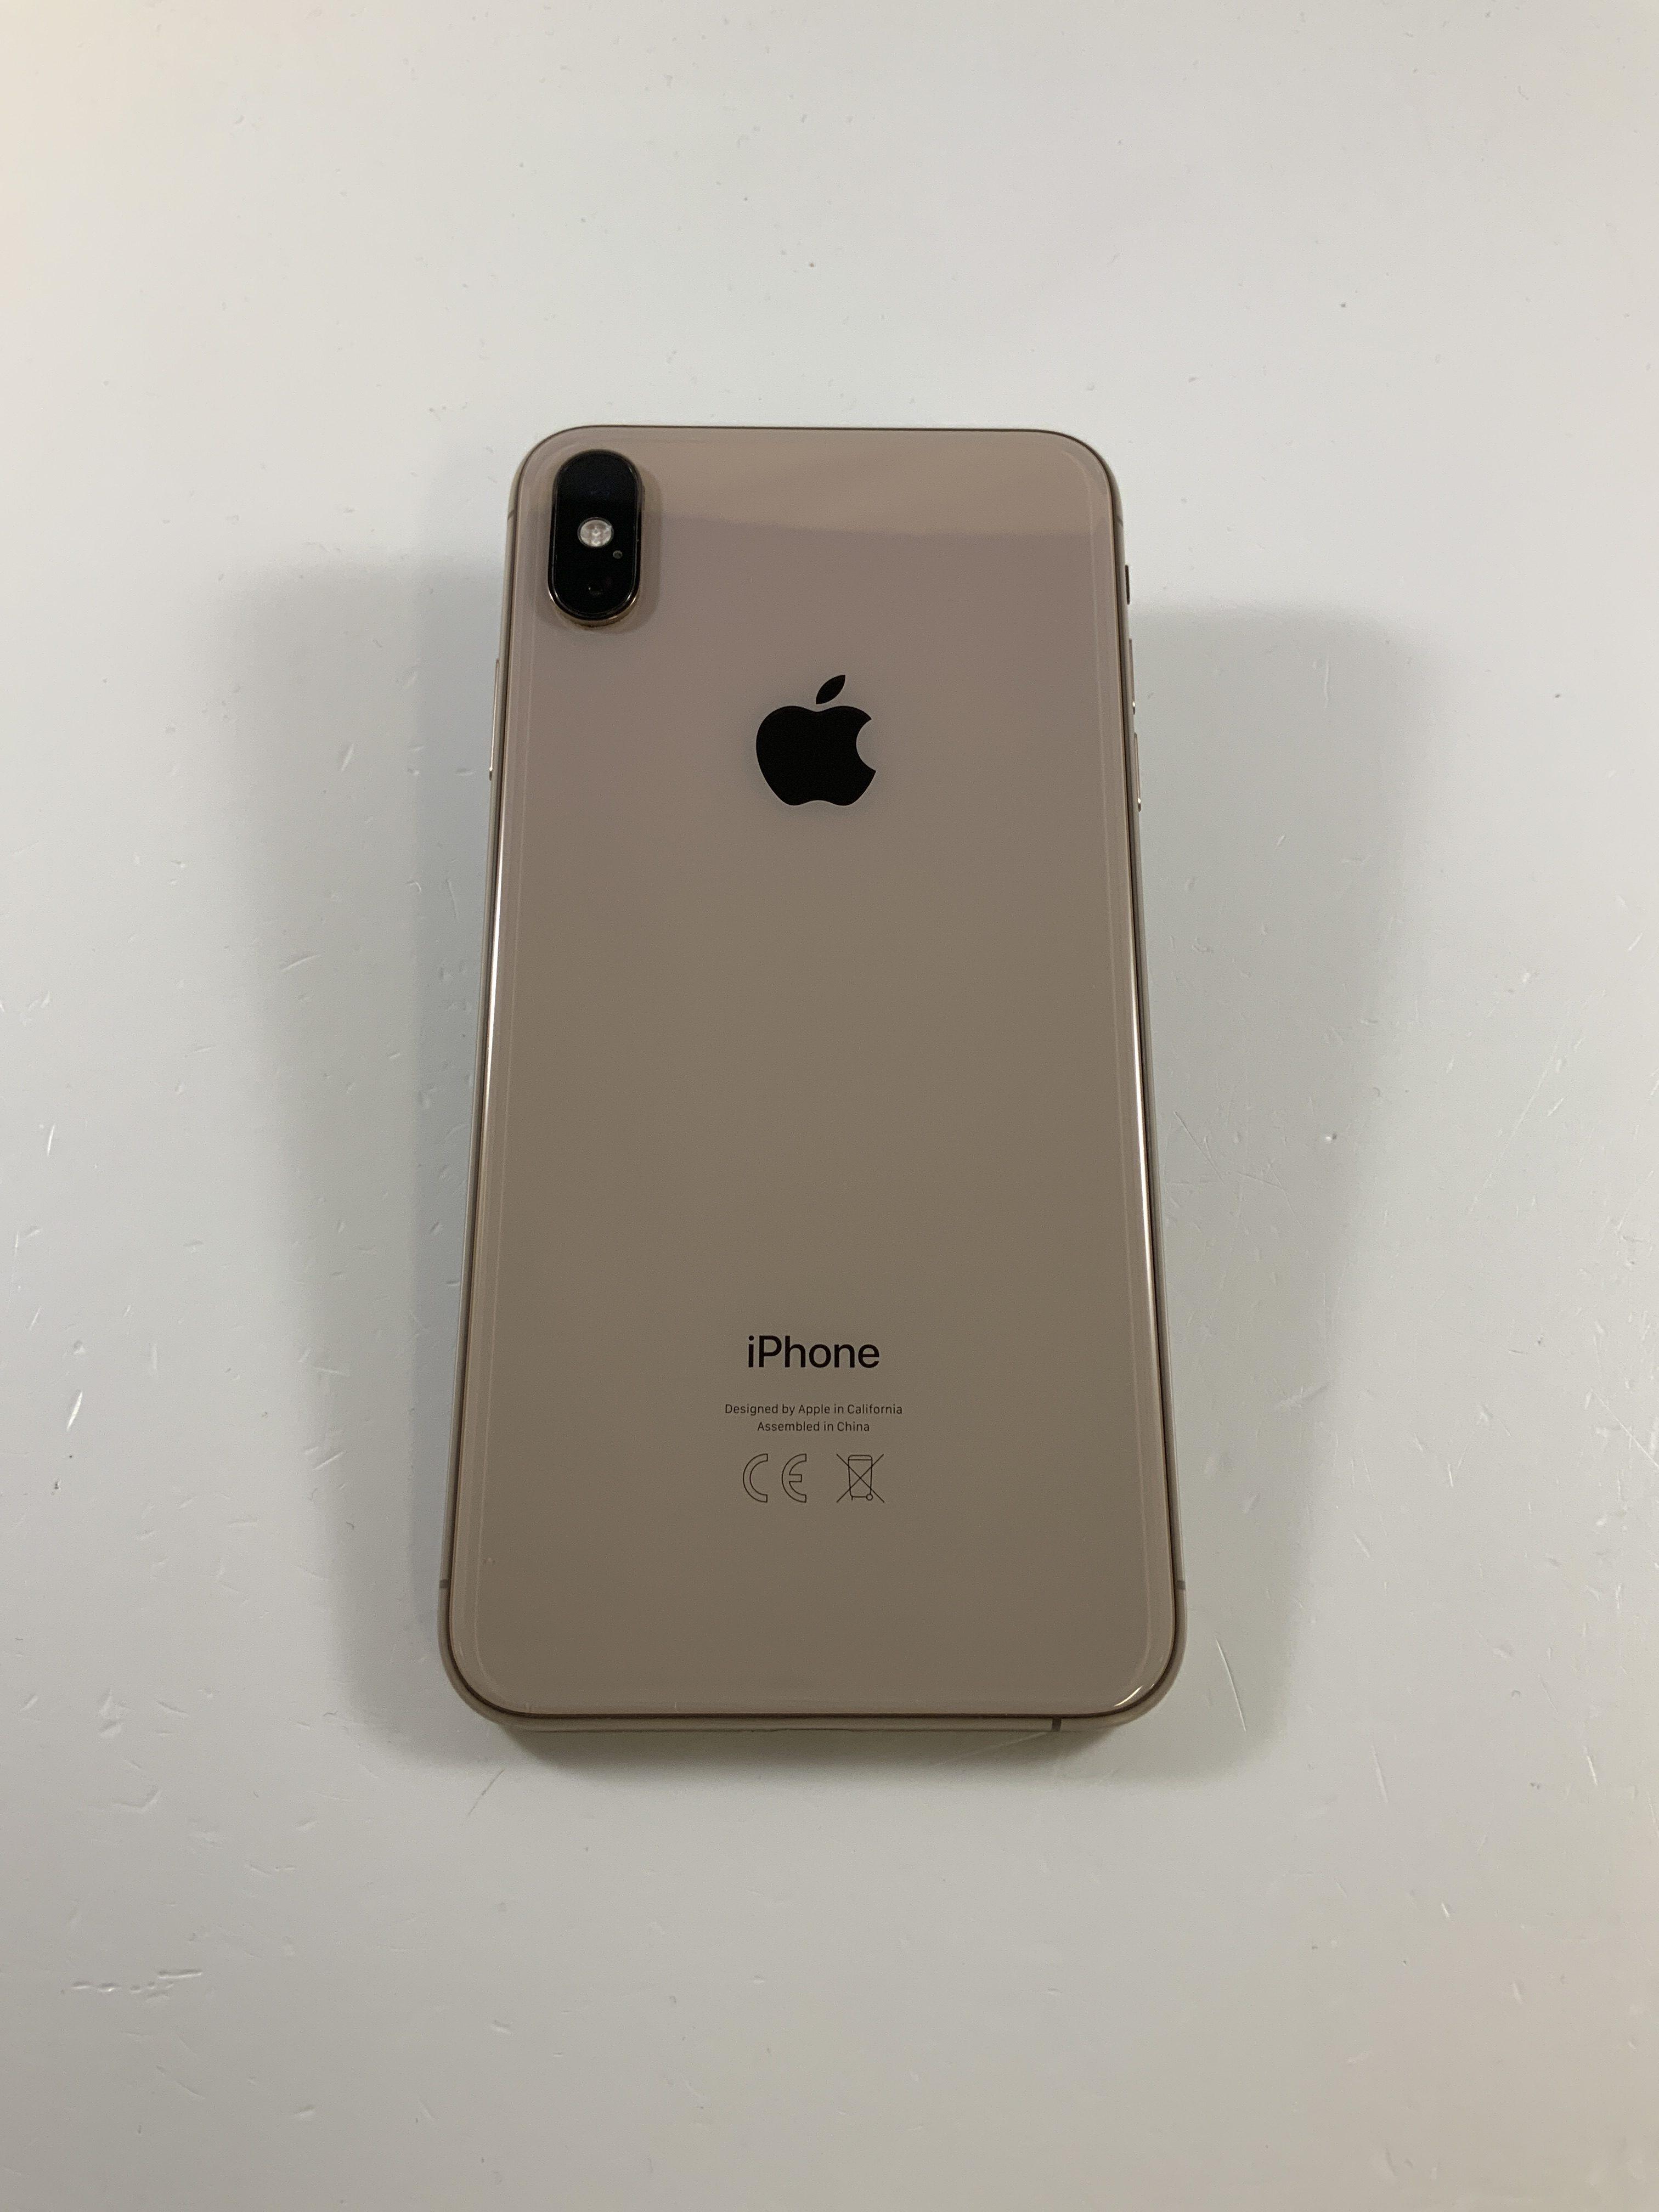 iPhone XS Max 64GB, 64GB, Gold, immagine 2